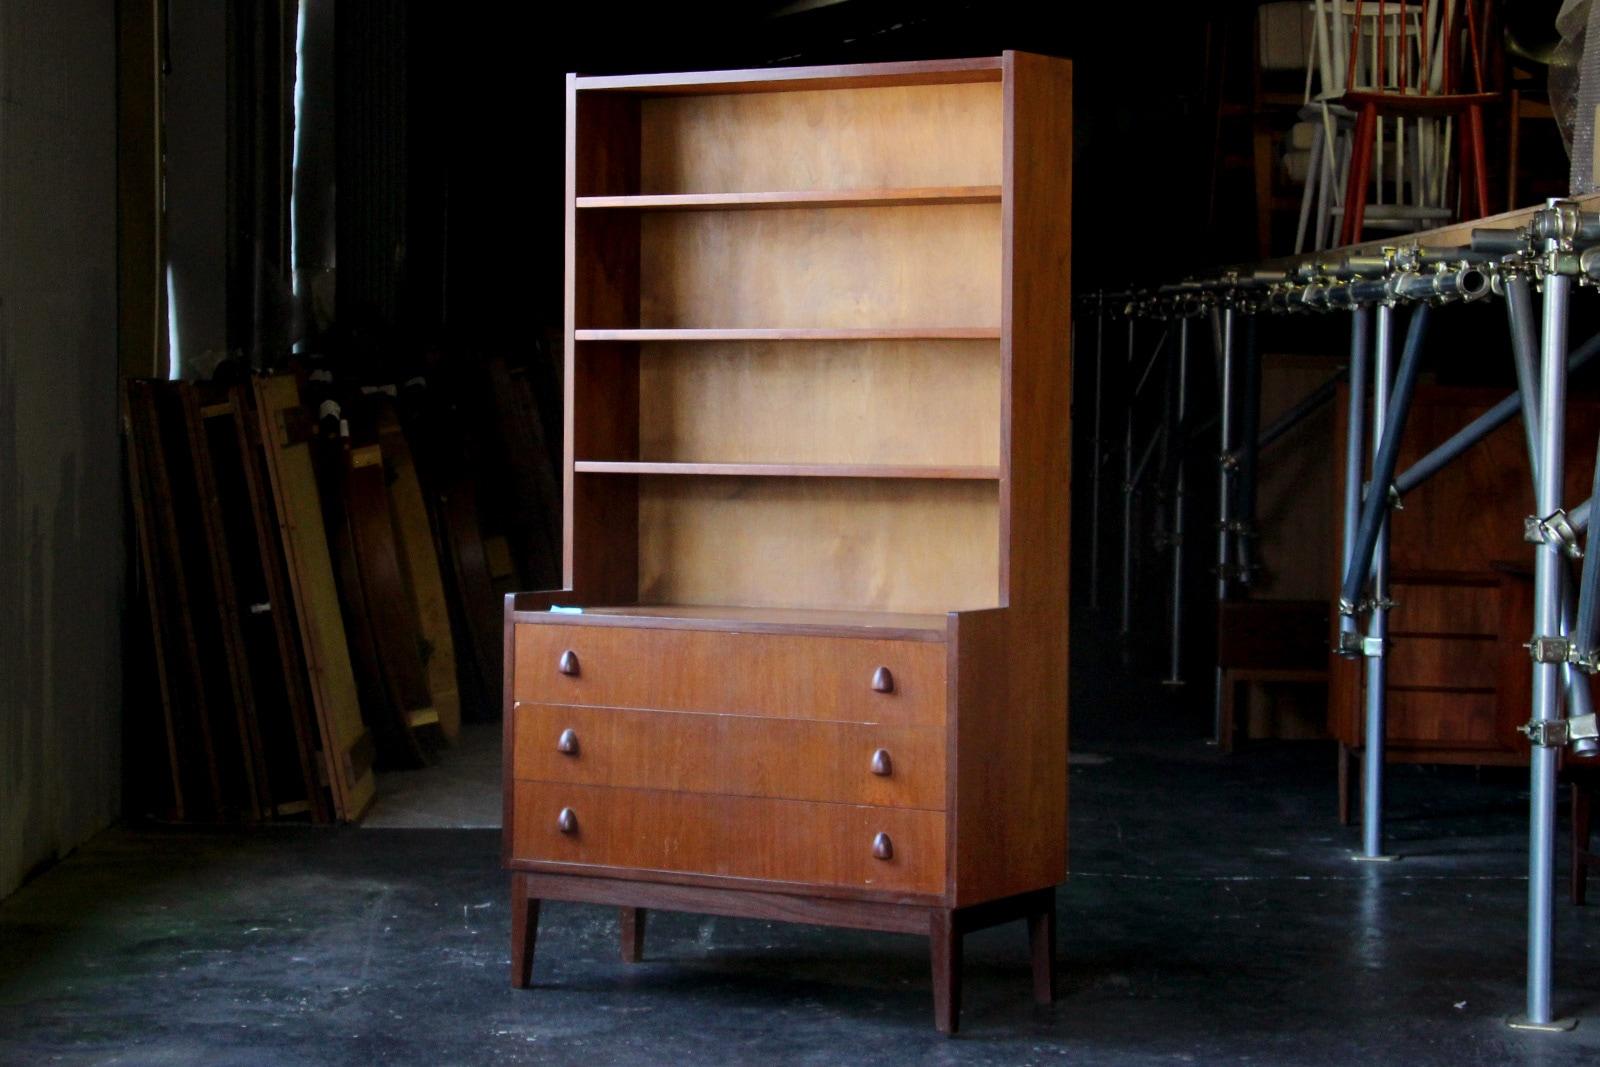 北欧,デンマーク,家具,シェルフ,本棚,ベル型取手